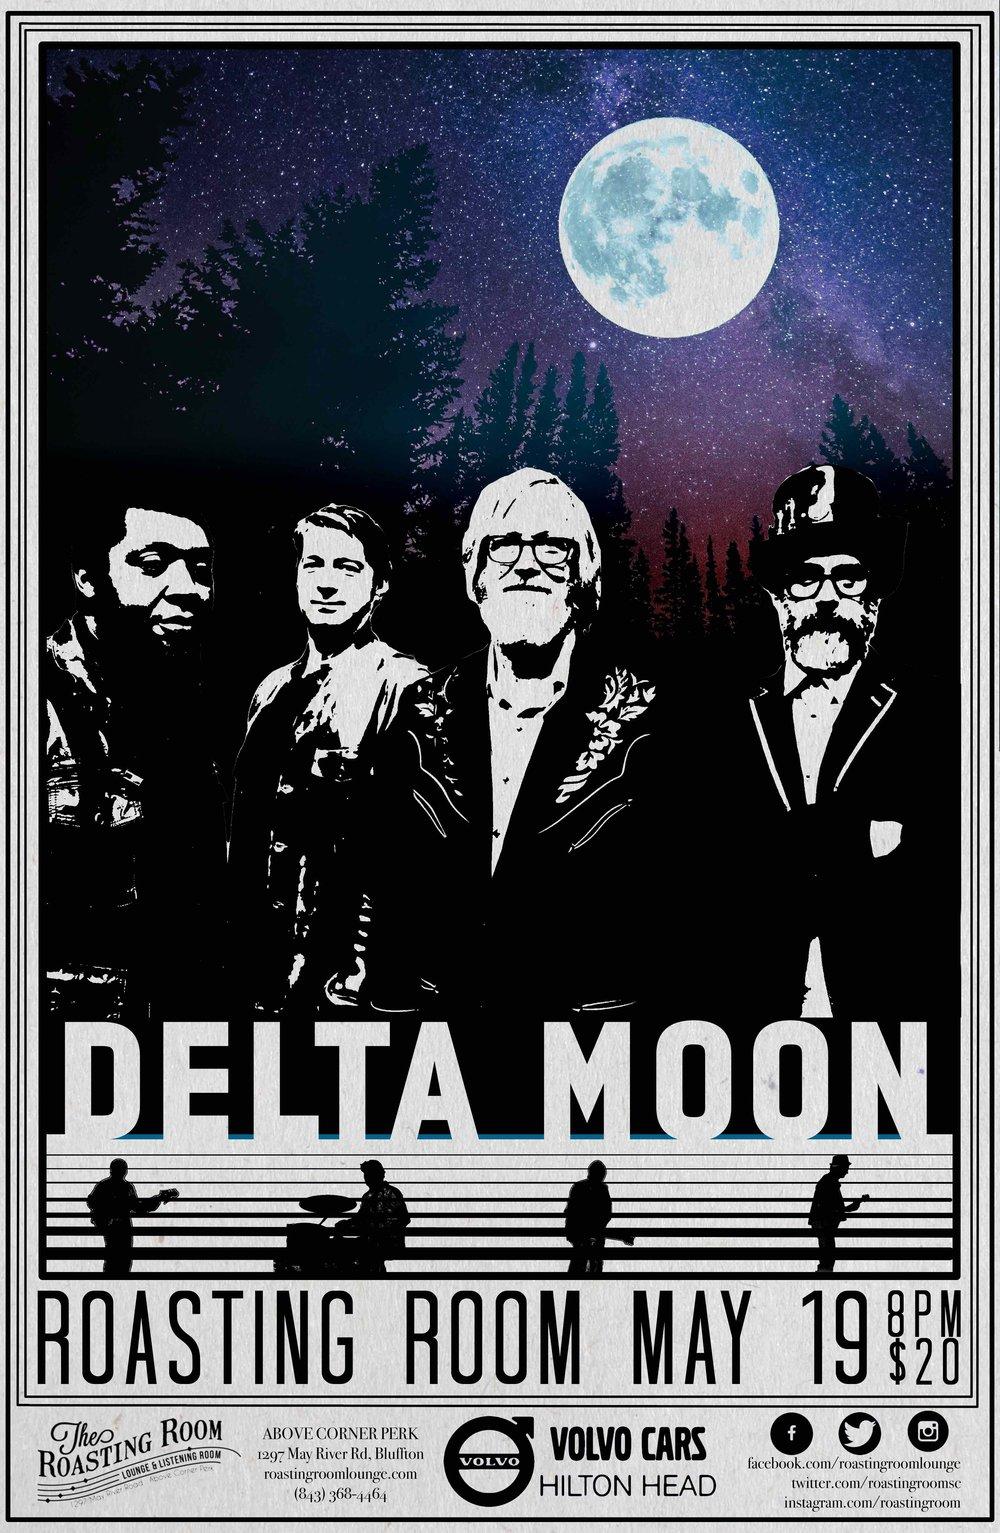 05.19 DeltaMoon_web.jpg